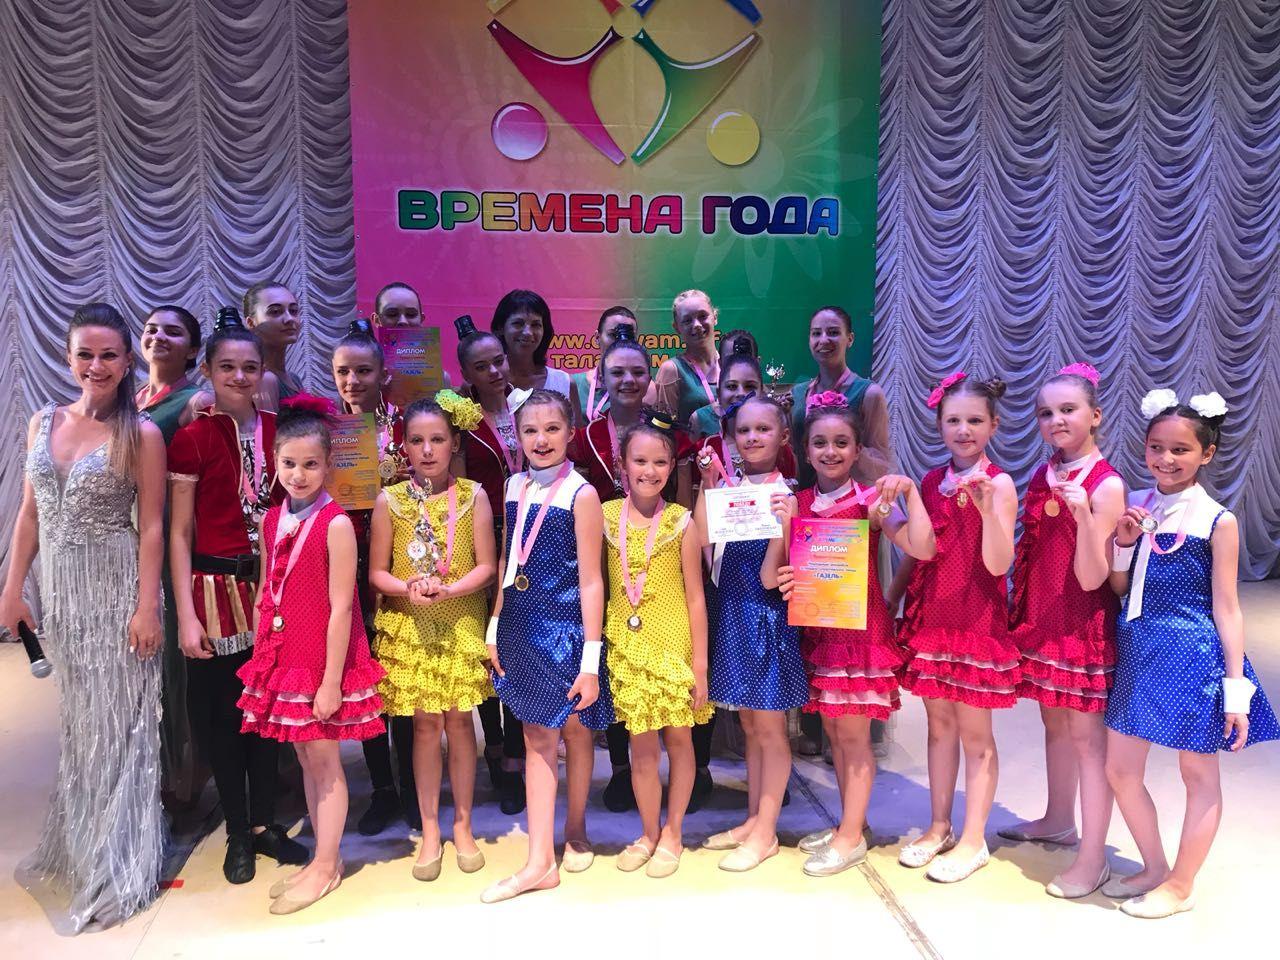 Ставропольские танцоры получили три золотые медали на международном конкурсе